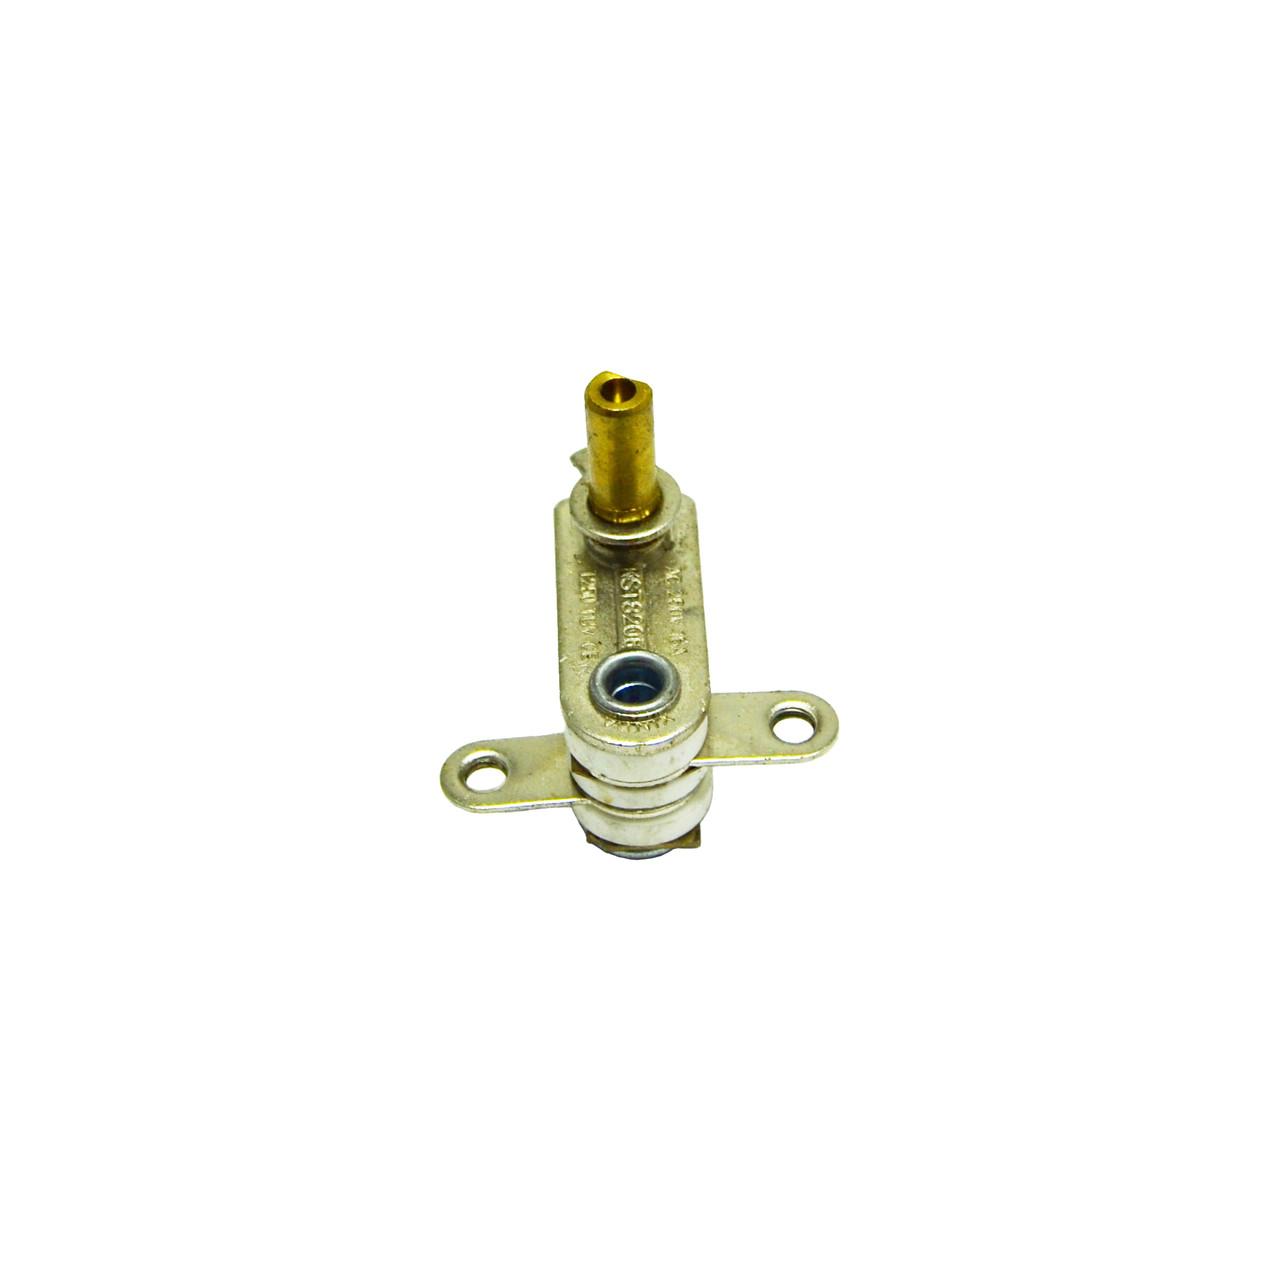 Терморегулятор KST 820B для обогревателя, утюга (16А, 250V, T250, ножки прямые под 180 °)